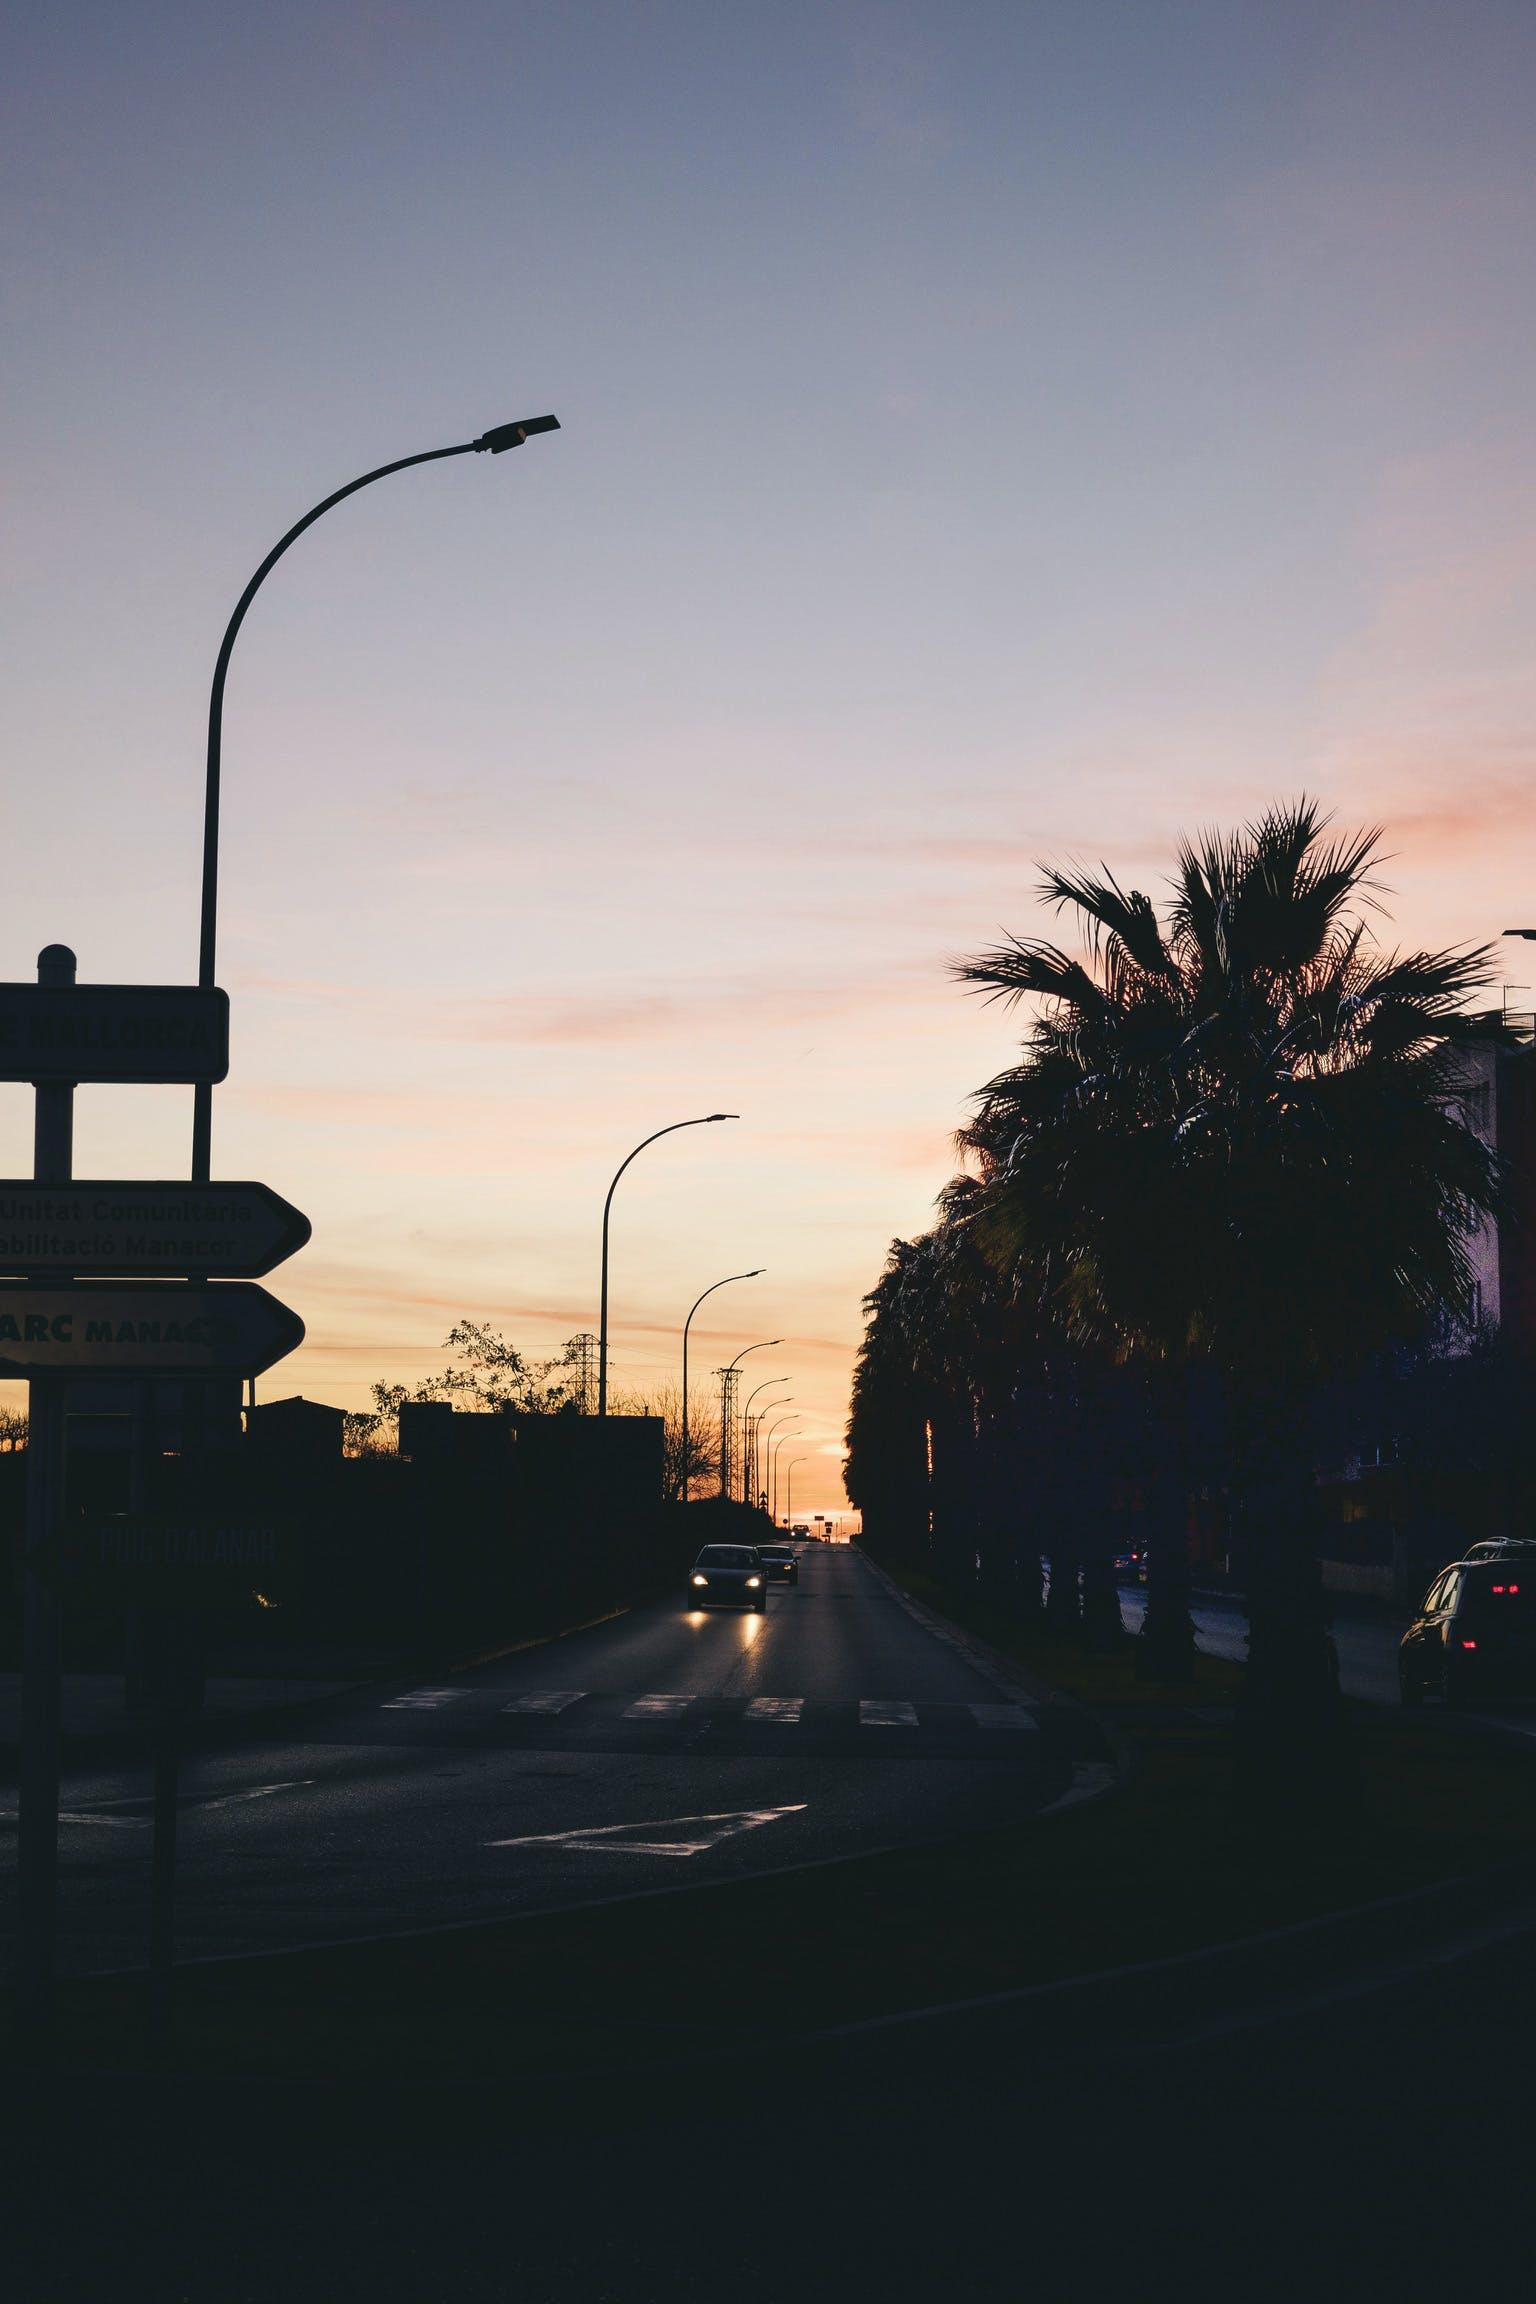 Бесплатное стоковое фото с автомобили, вечер, деревья, дороги